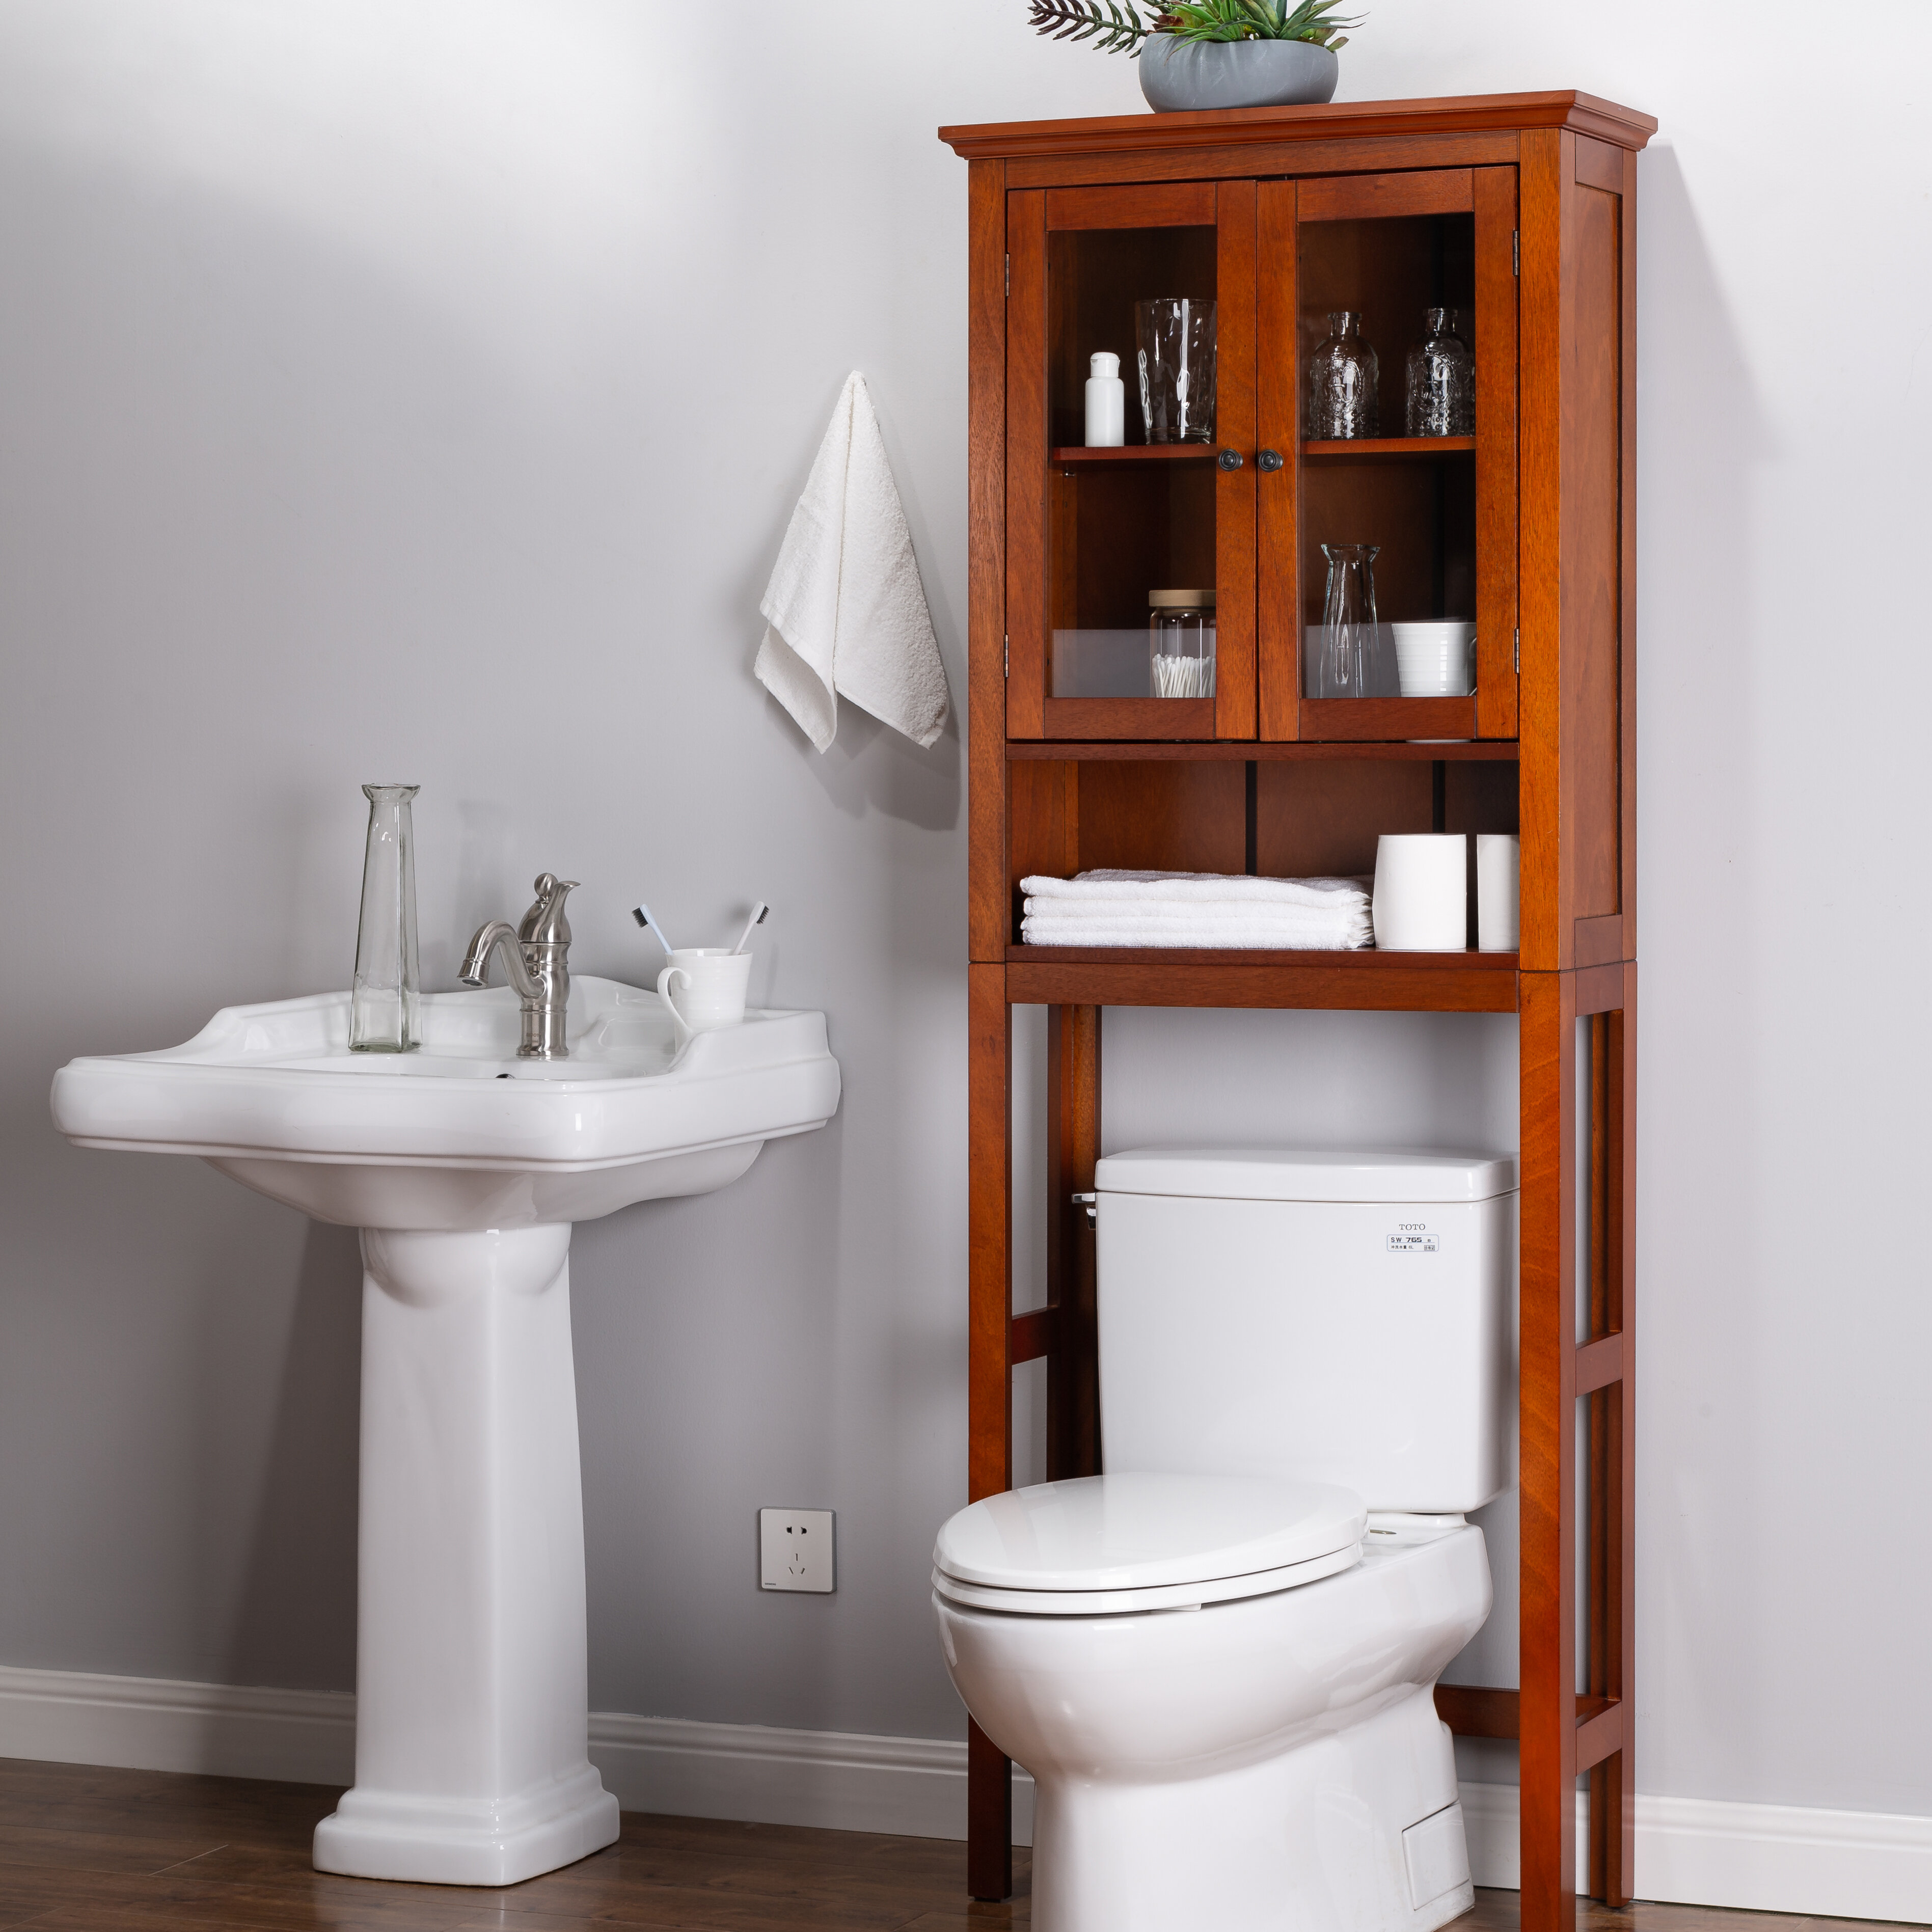 Toilet Storage